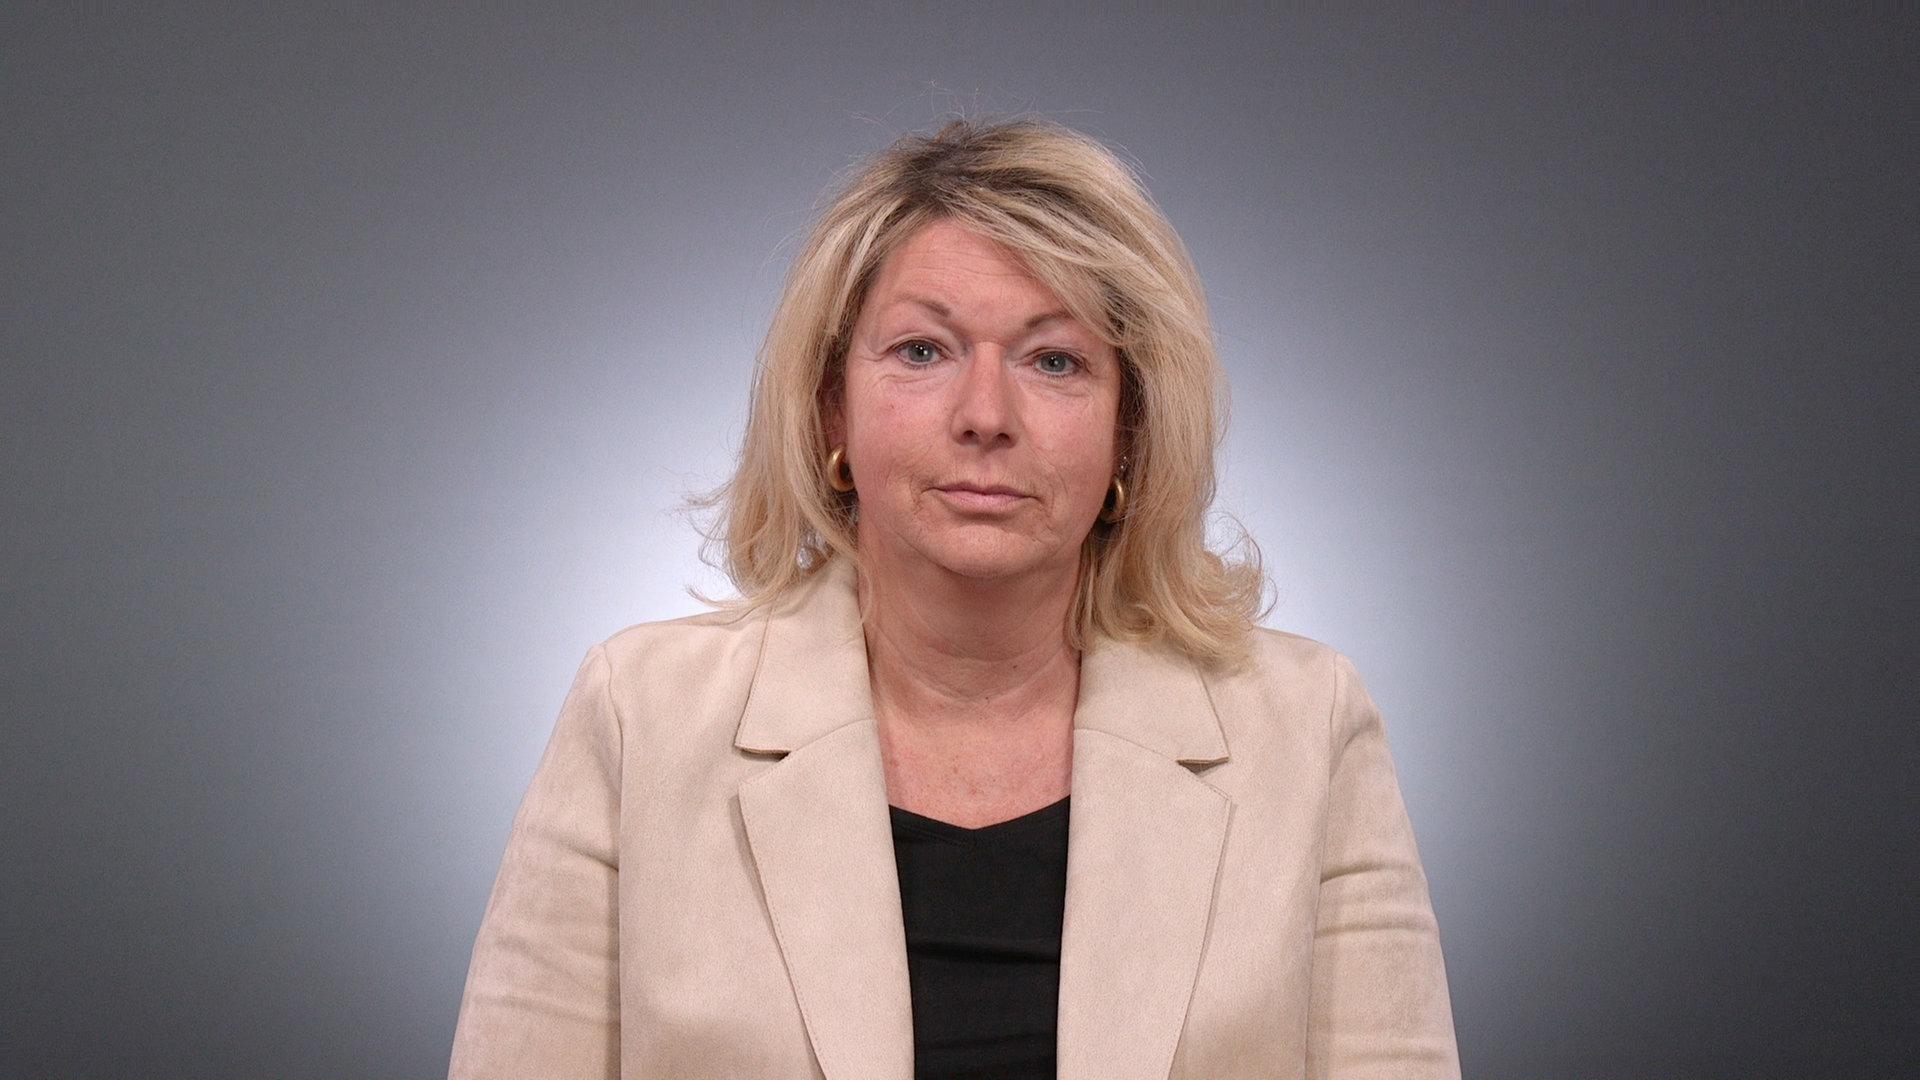 Martina Koeppen, SPD